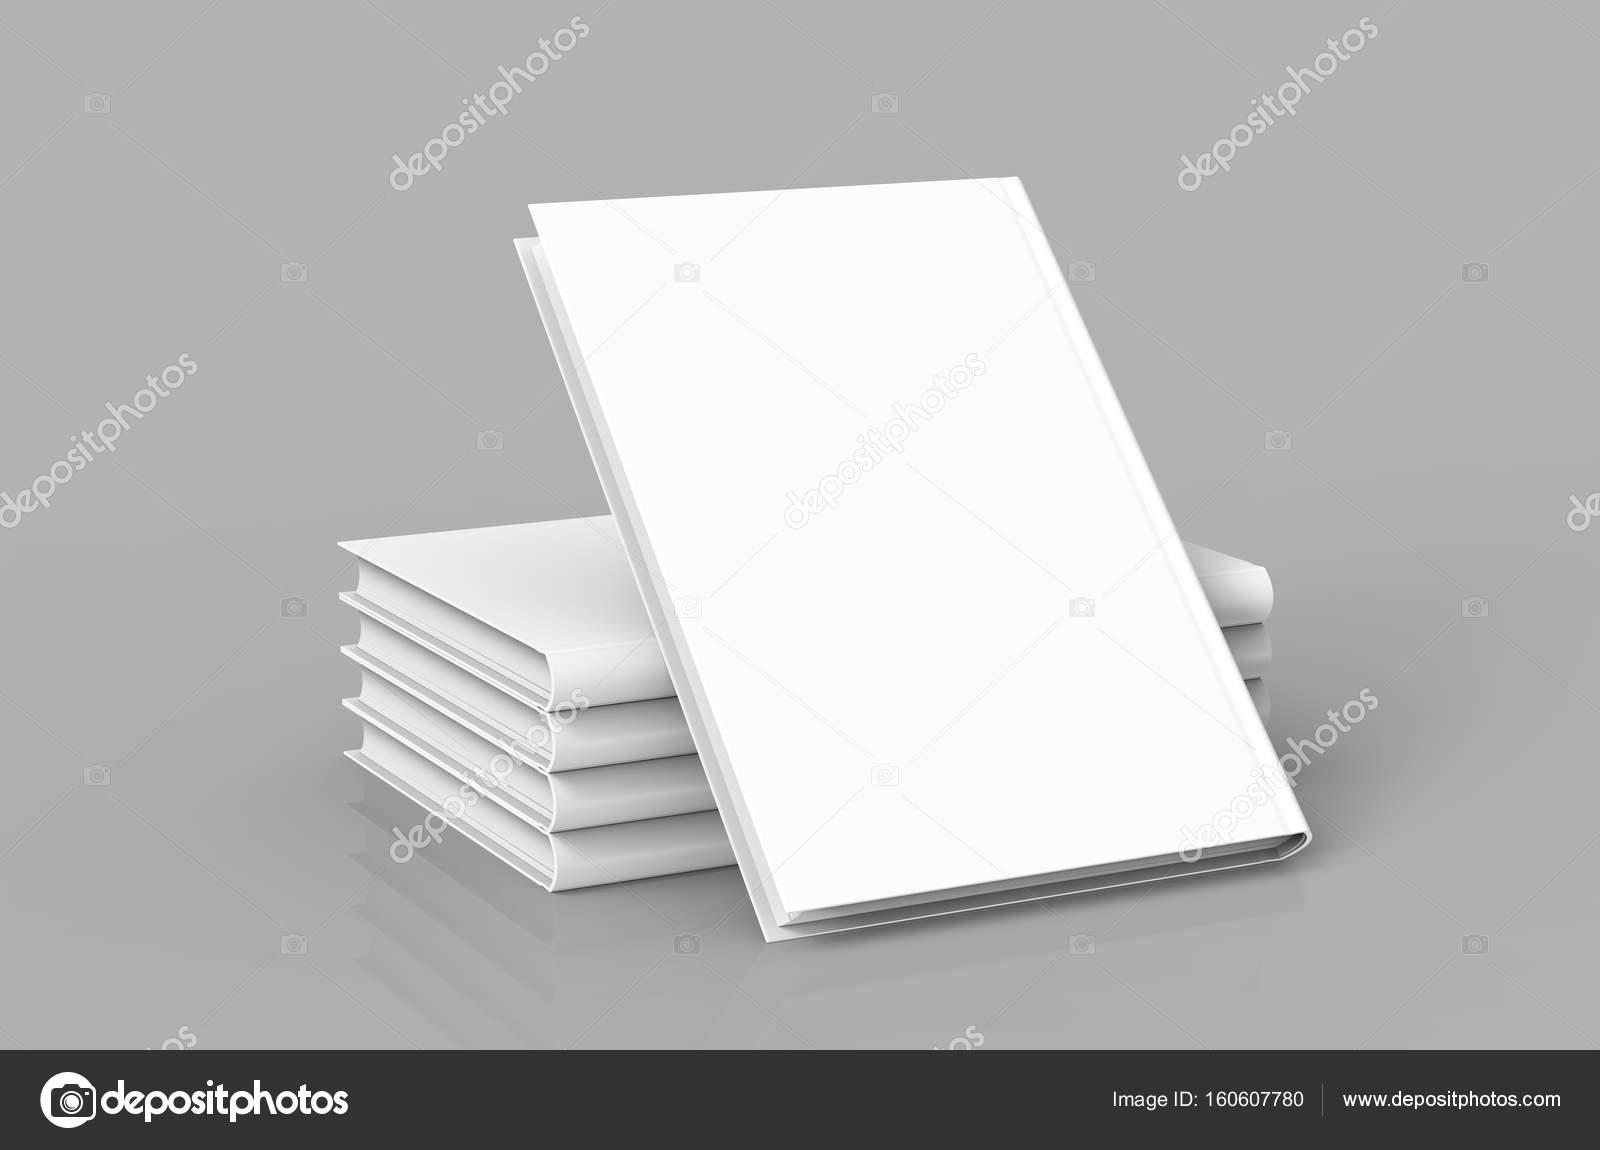 Hardcover-Bücher-Vorlage — Stockfoto © kchungtw #160607780